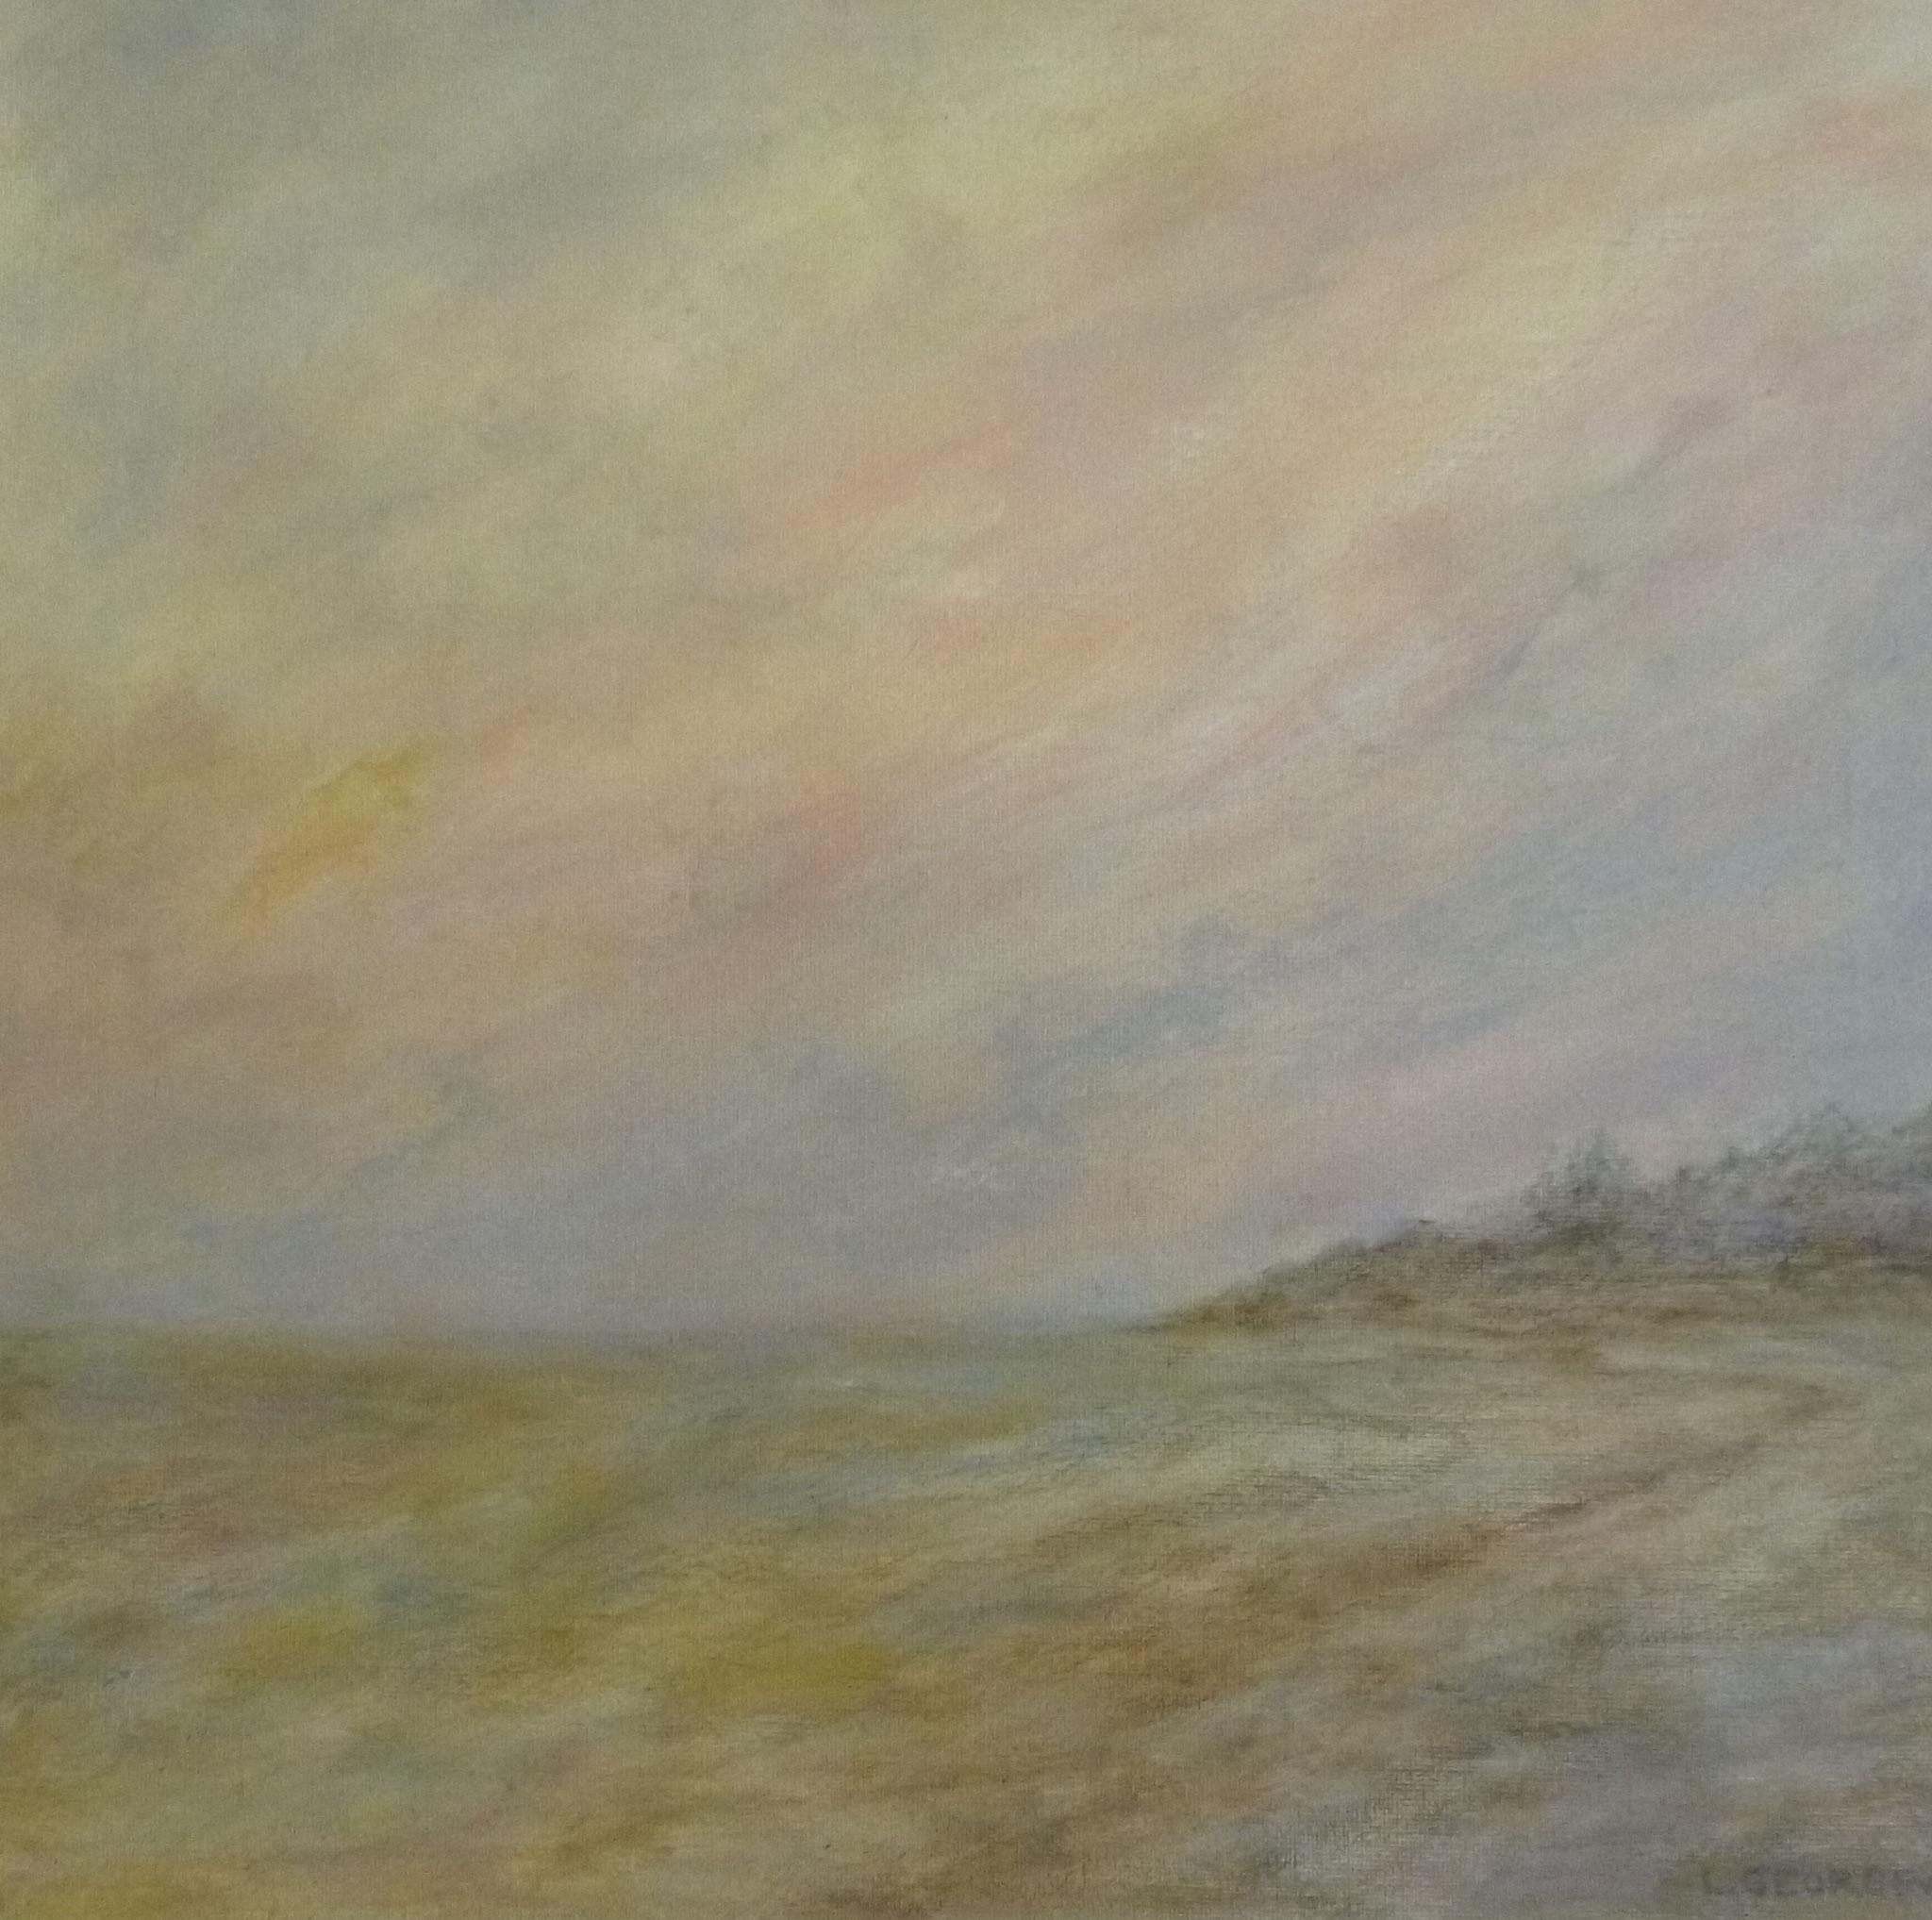 HORIZON, acrylique sur toile, 40x40 cm